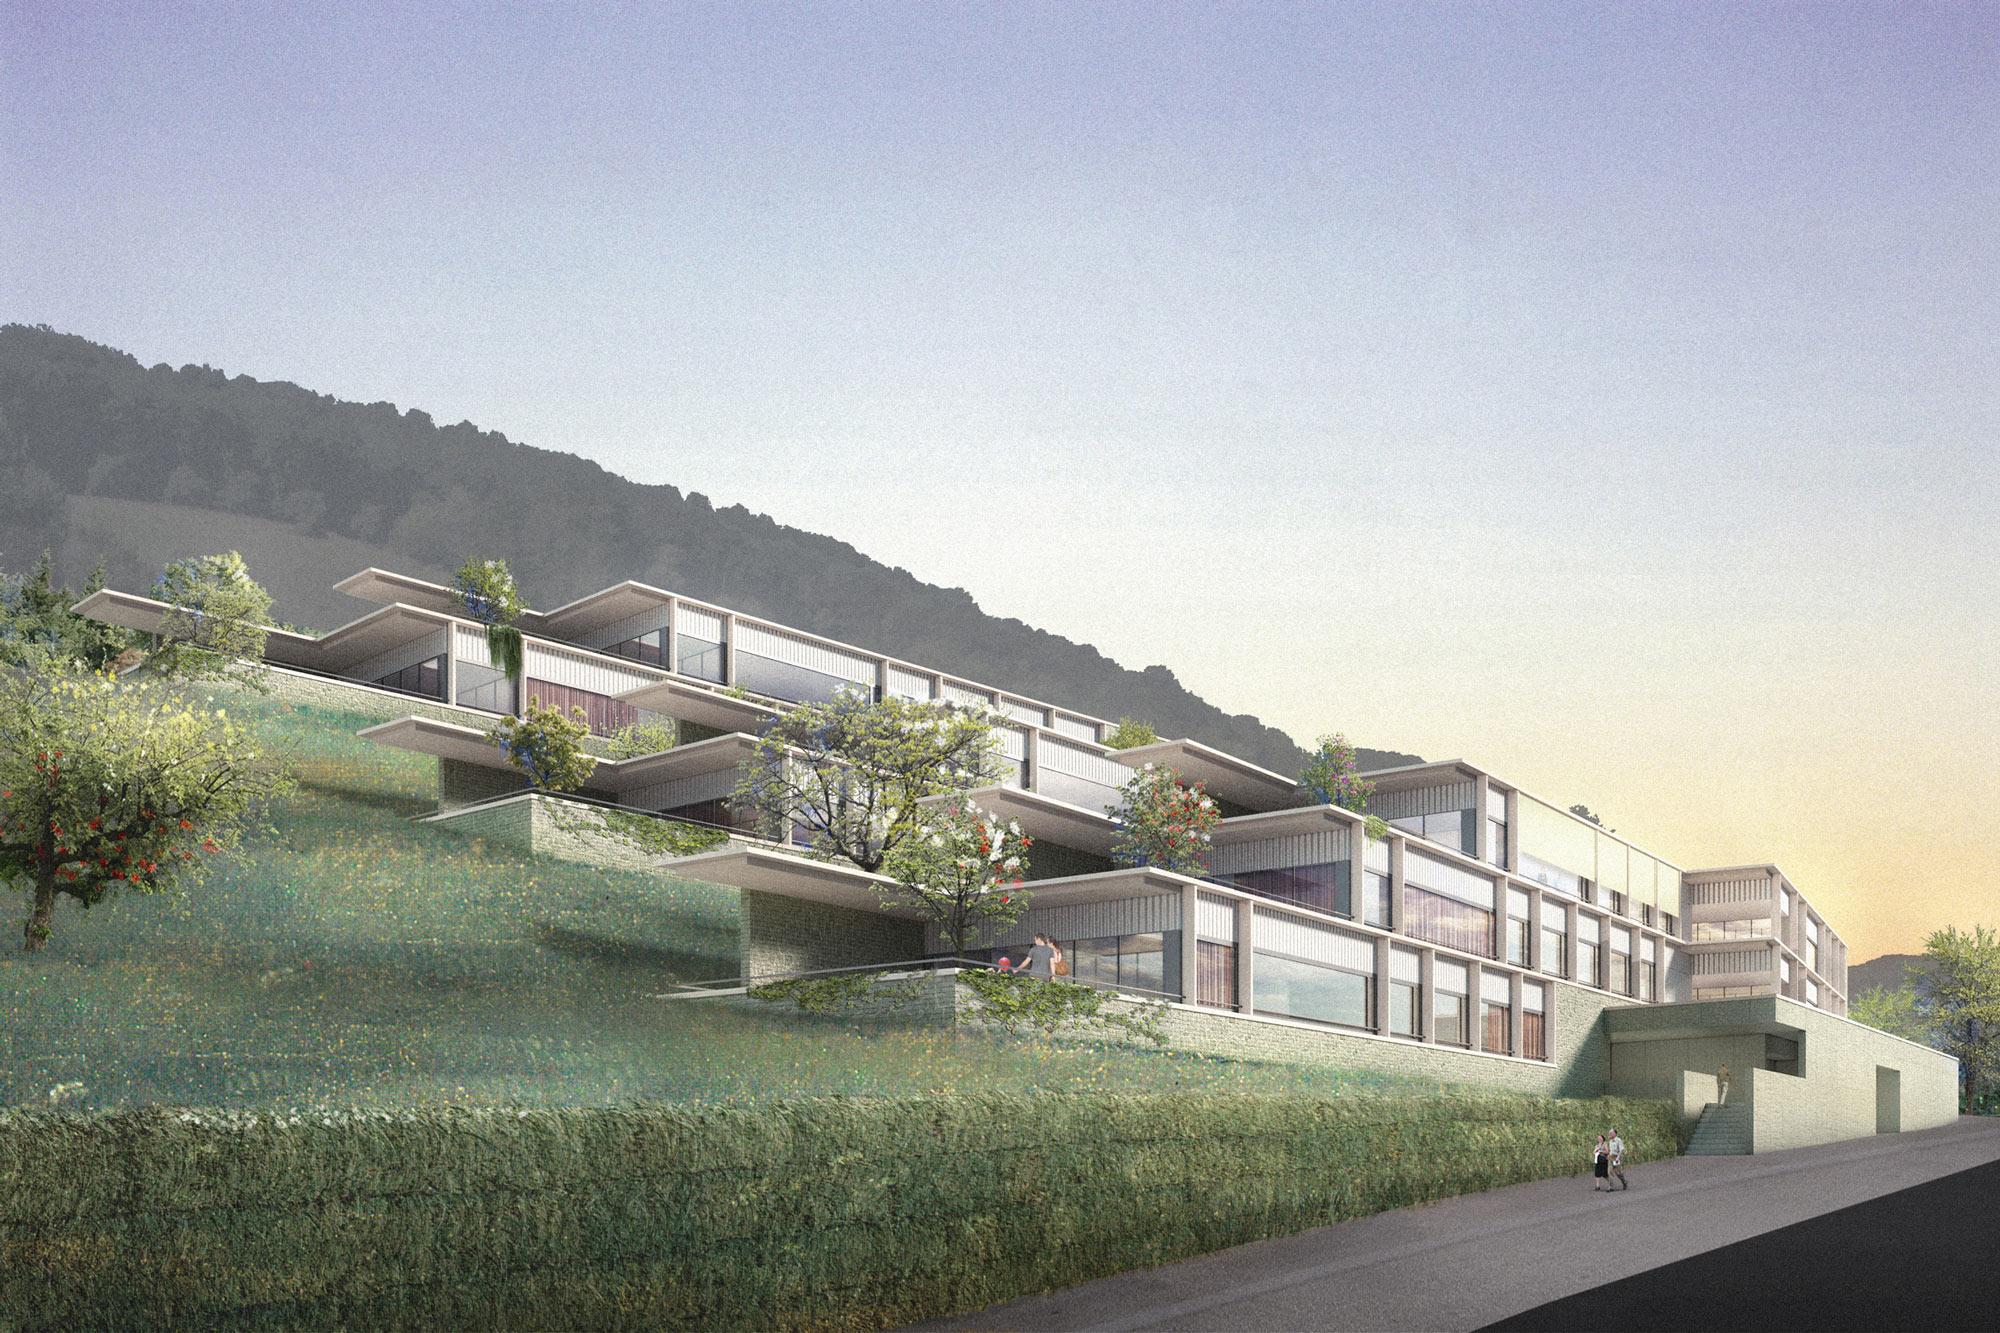 VINEA Ennetbaden - Burkard Meyer Architekten Baden